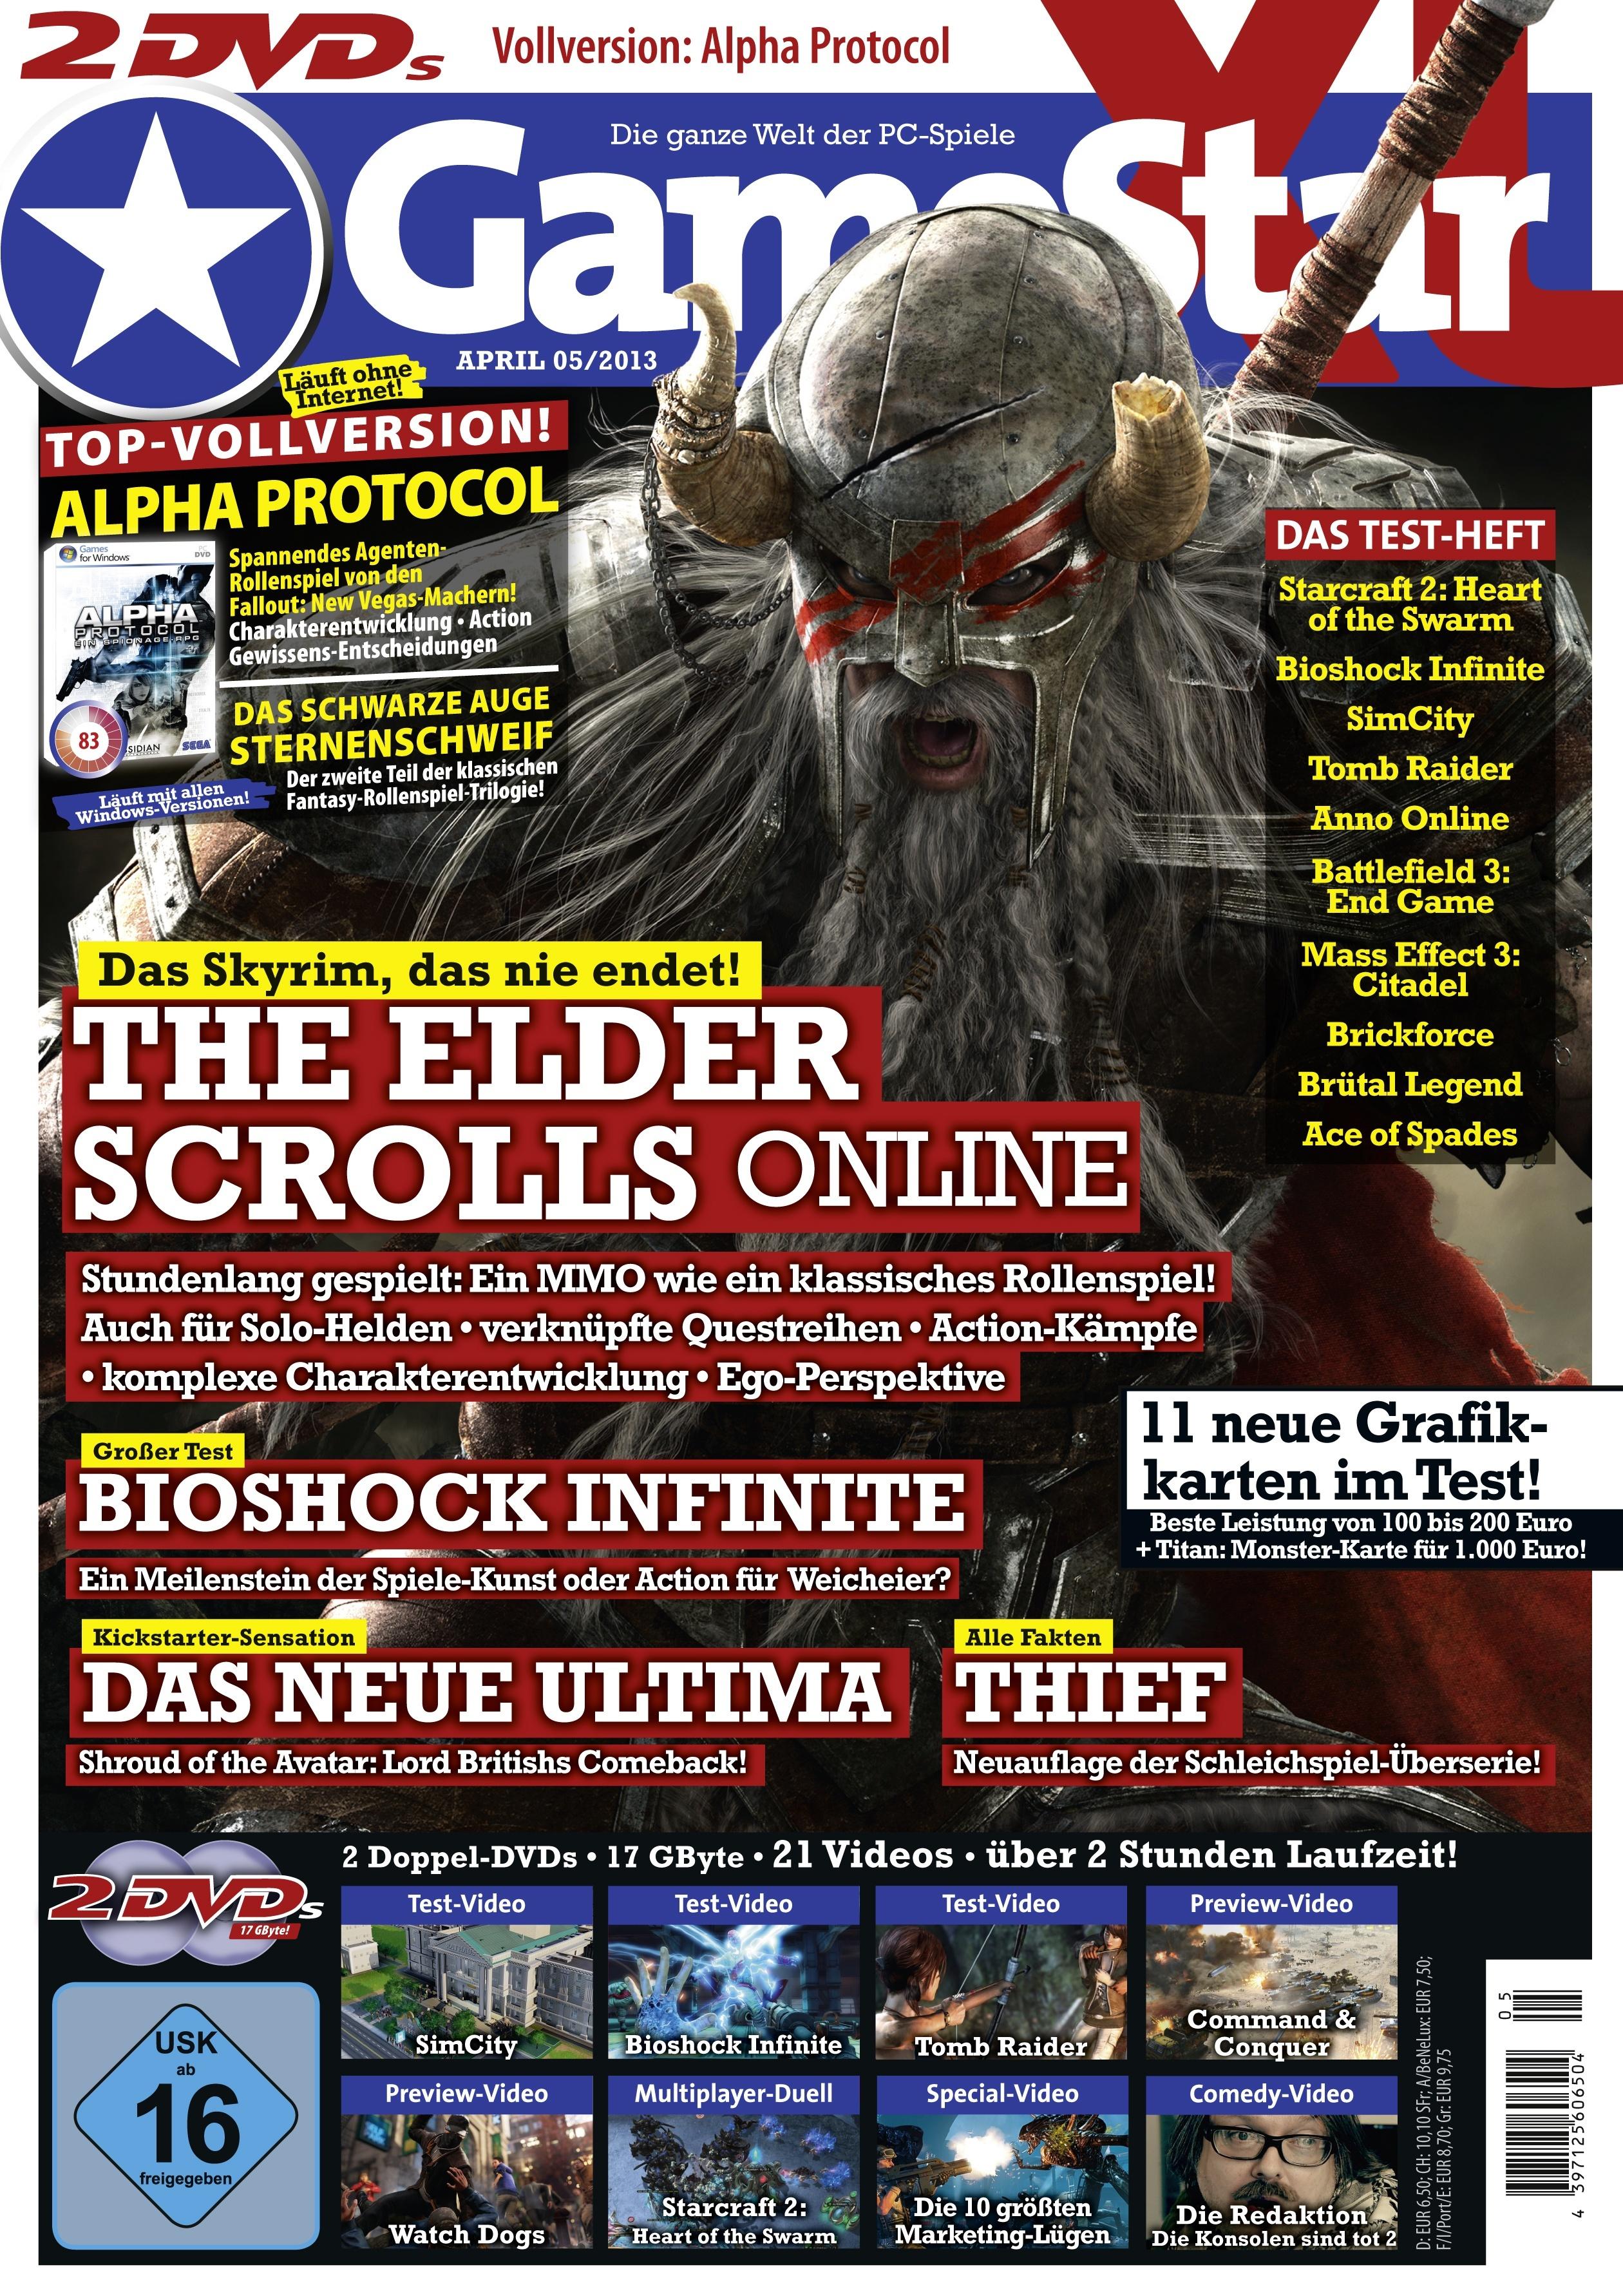 Gamestar Online